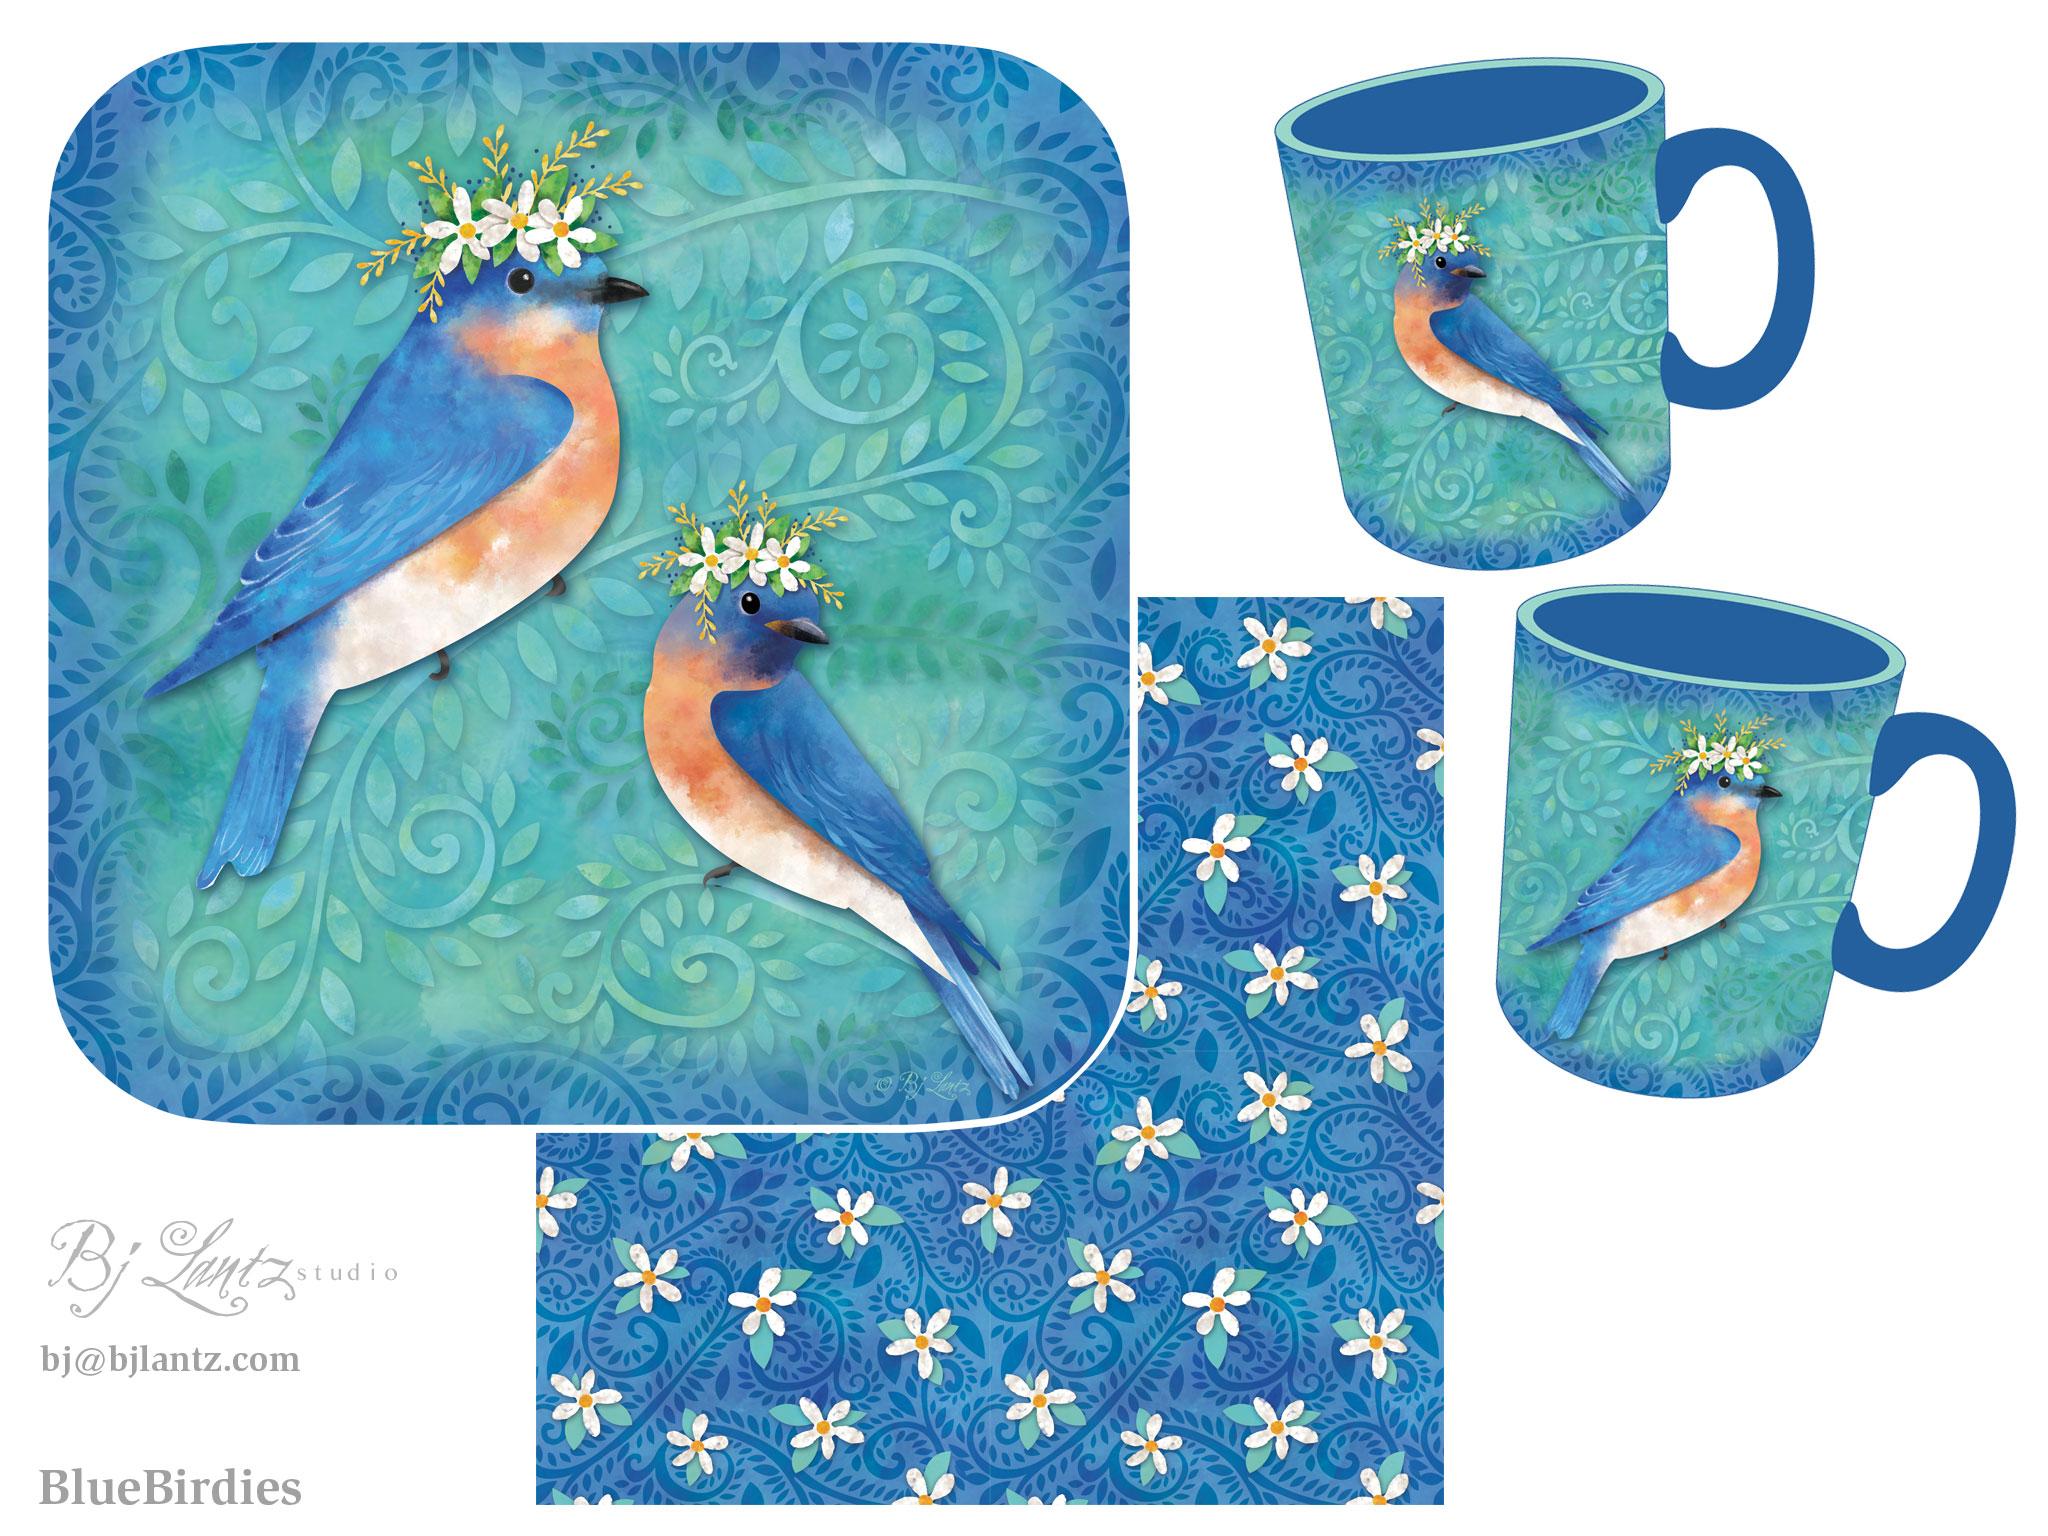 BlueBirdies_portfolio_1.jpg